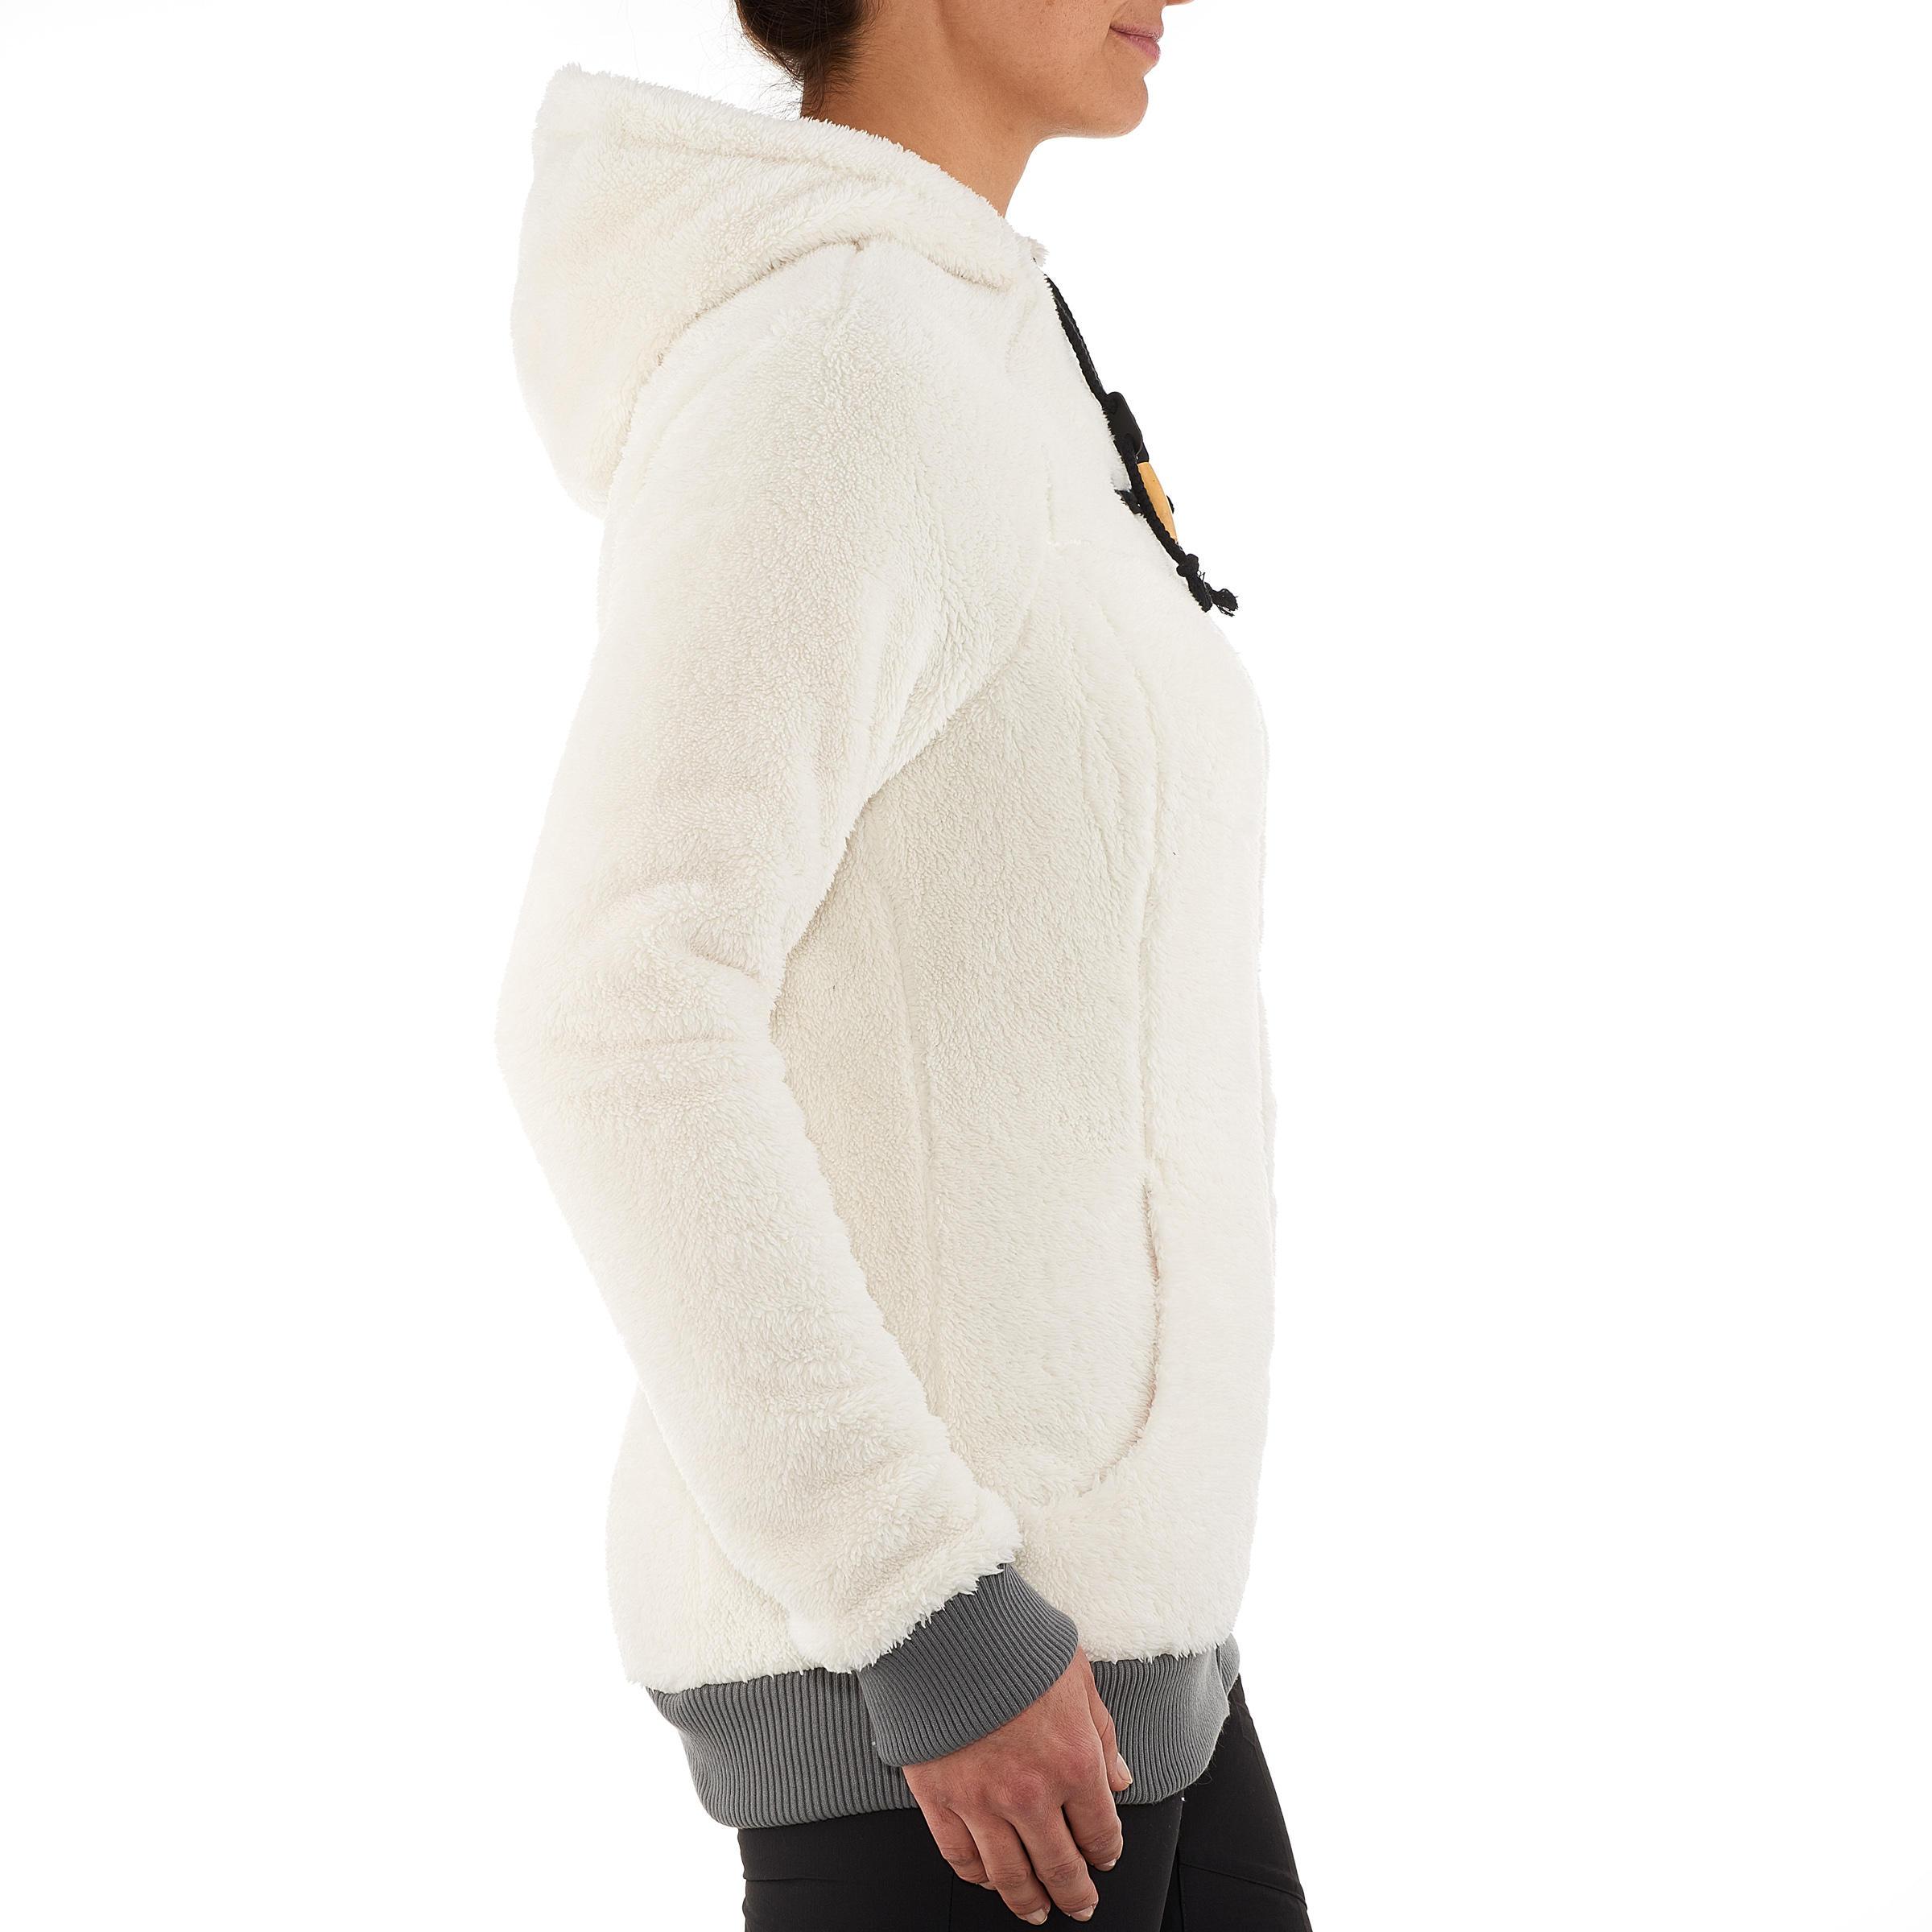 Veste polaire de randonnée neige femme SH100 ultra-warm blanc